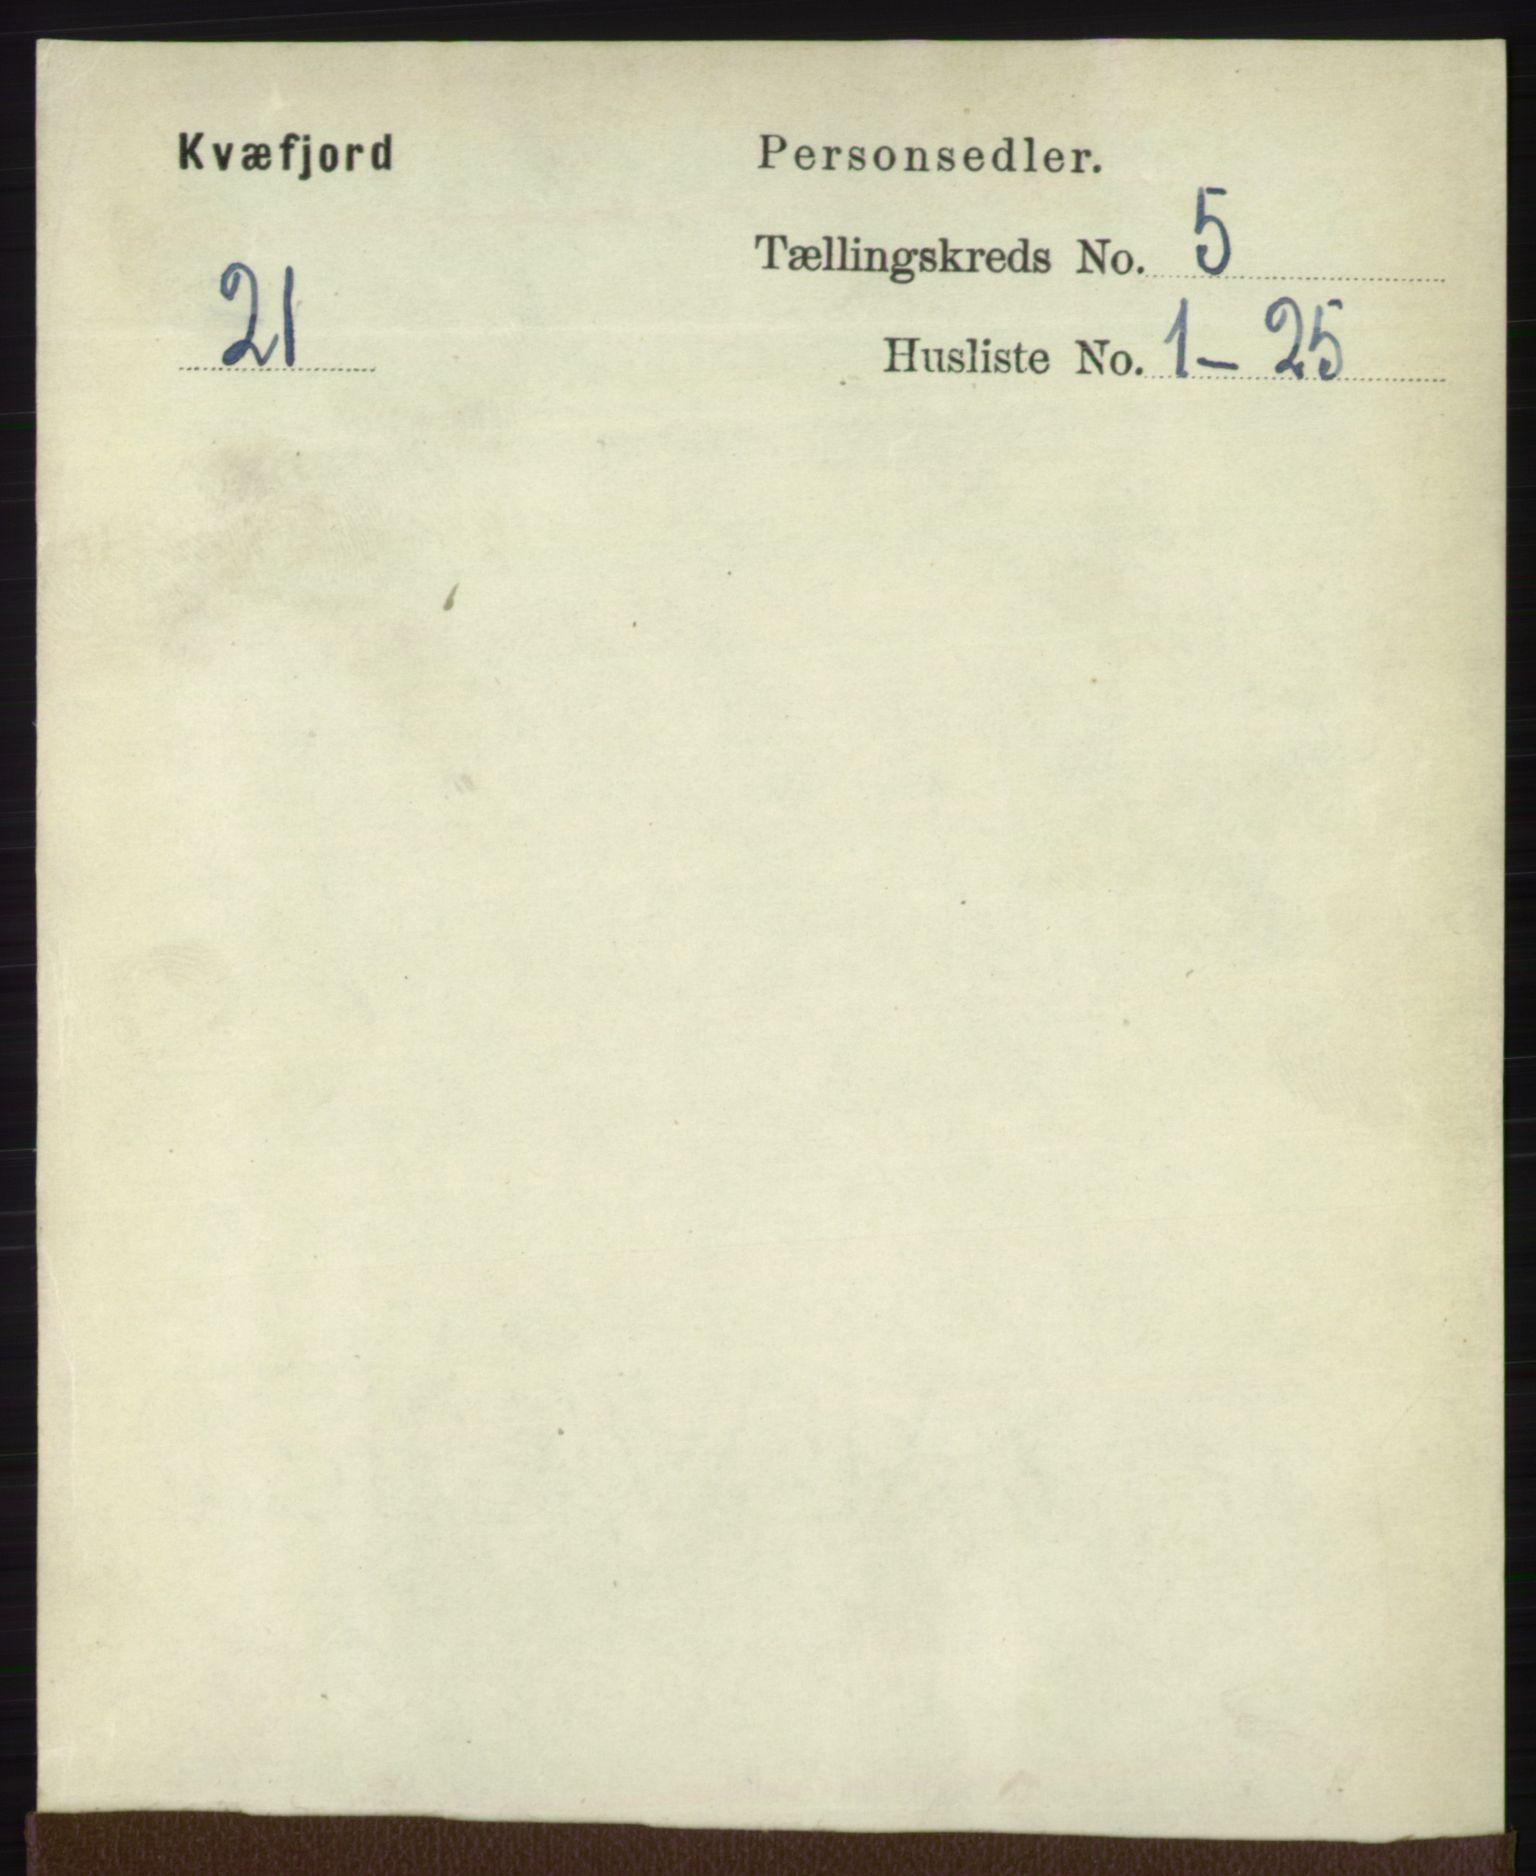 RA, Folketelling 1891 for 1911 Kvæfjord herred, 1891, s. 2869